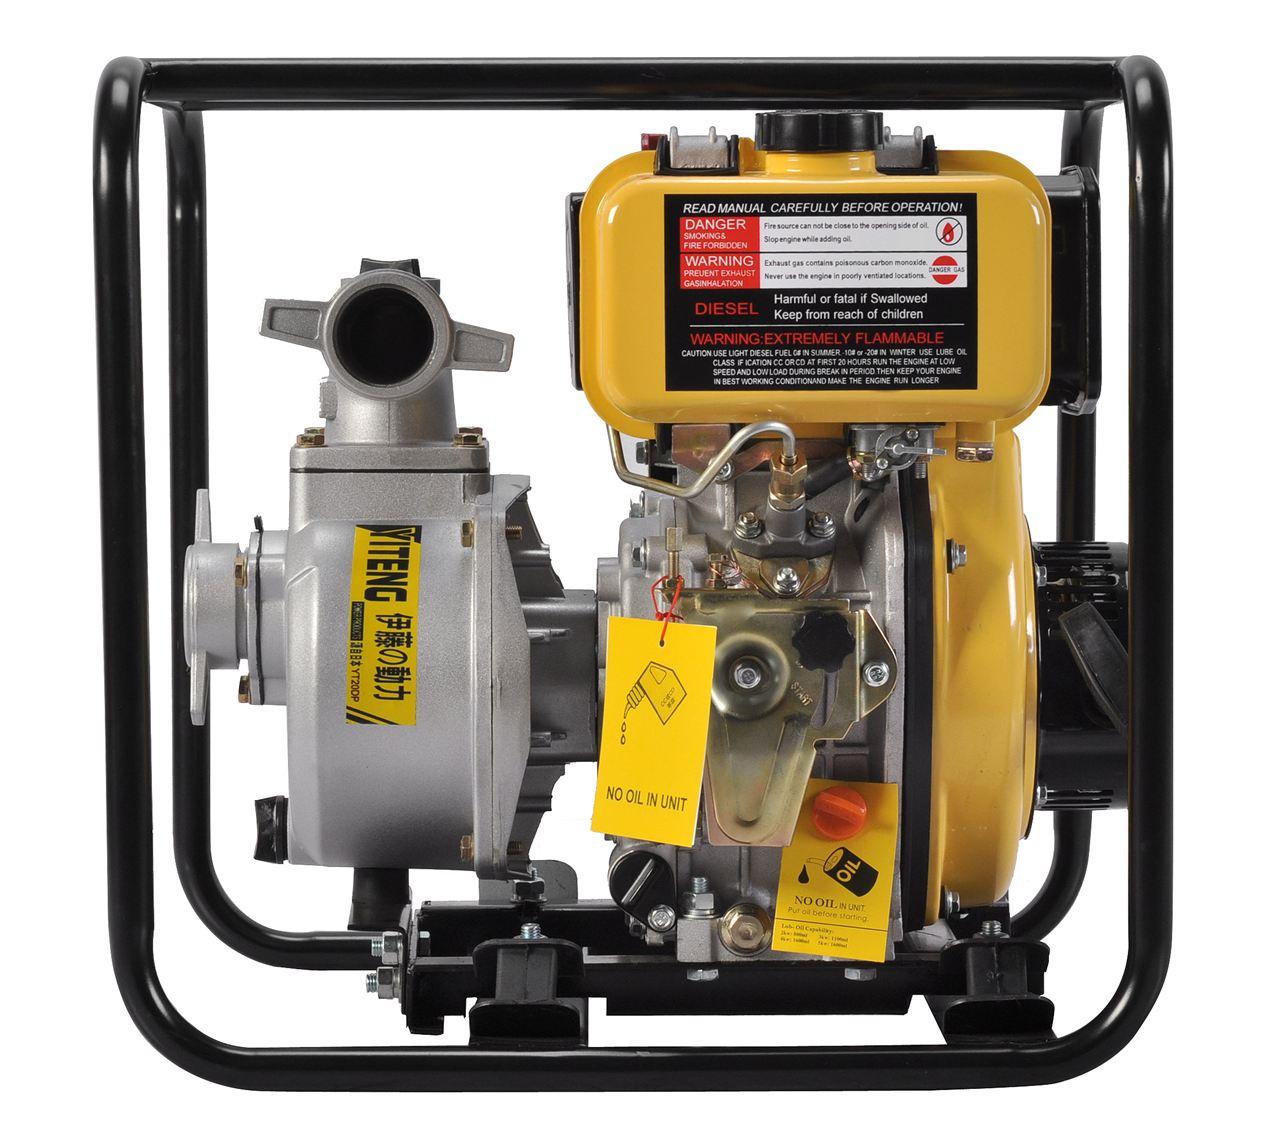 厂家直销便携式2寸3寸4寸小型柴油抽水泵。采用柴油为动力,全铜装置,机器的性能更加稳定,使用起来更加安全!应用范围广,经常用于工程和农业灌溉。水泵的流程、扬程和吸程较普通水泵来说更加大,让您从此不会因为接电不方便而感到烦恼!检查水泵的密封,检查时应先拔下电源插头,用手堵住吸水口,把水泵灌满水,用嘴衔住出口使劲往里吹气,观察泵头是否漏水,漏水之处也就是密封损坏之处。常见的故障部位有吸水口垫、出水口垫、叶轮盖垫,维修时应更换。若无满水现象,多是叶轮损坏、吸水室和出水室之间的挡水内隔蚀穿、泵头挡水隔磨平、叶轮和